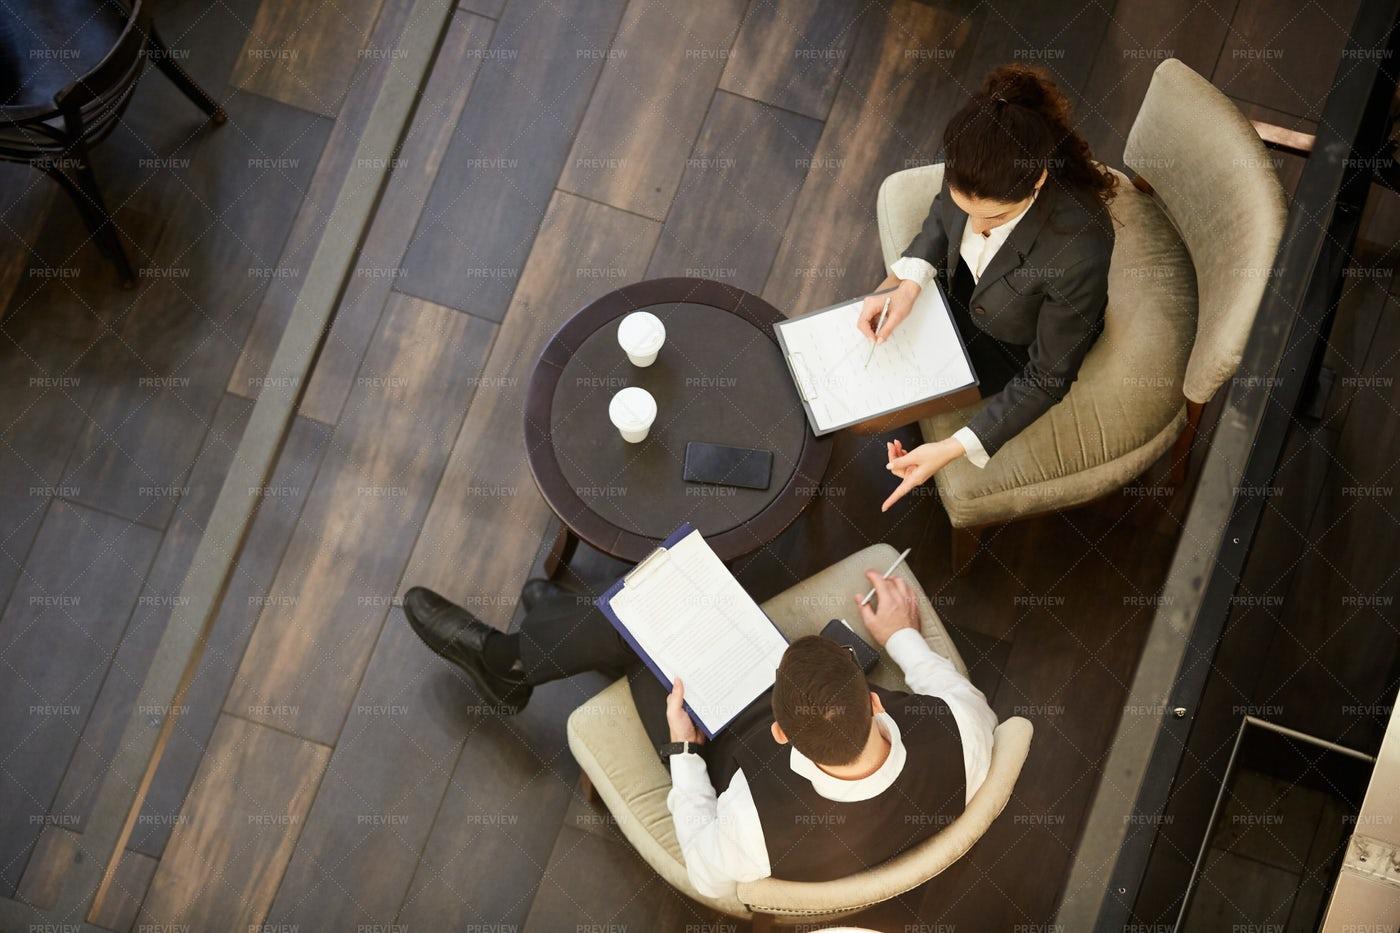 Brokers Working: Stock Photos